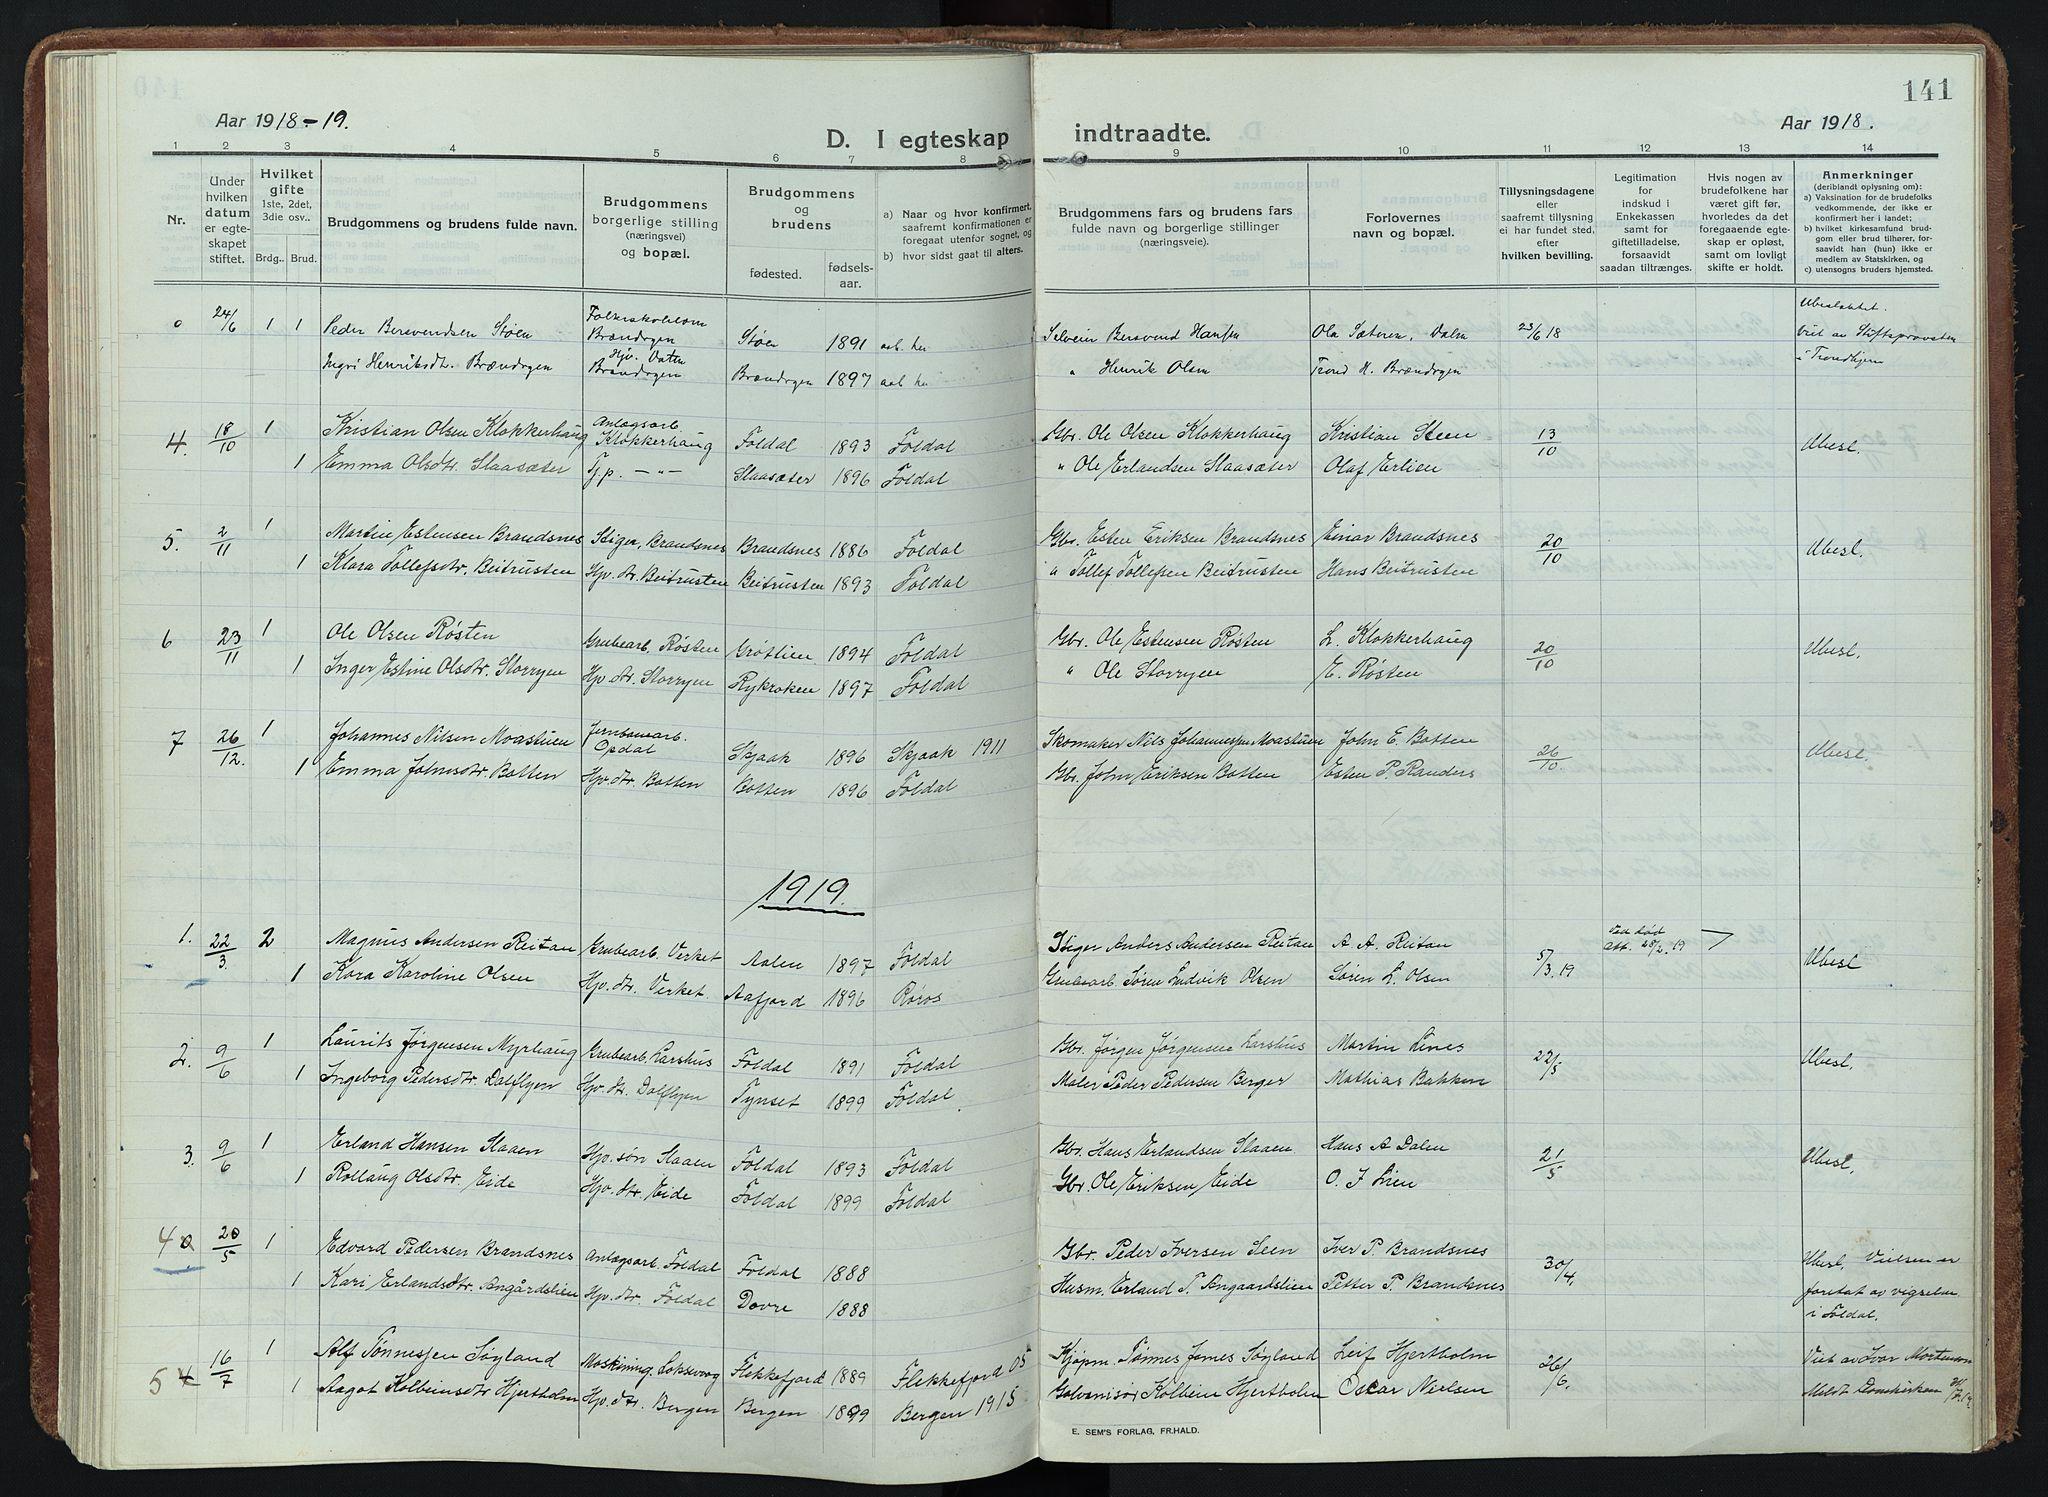 SAH, Alvdal prestekontor, Ministerialbok nr. 5, 1913-1930, s. 141